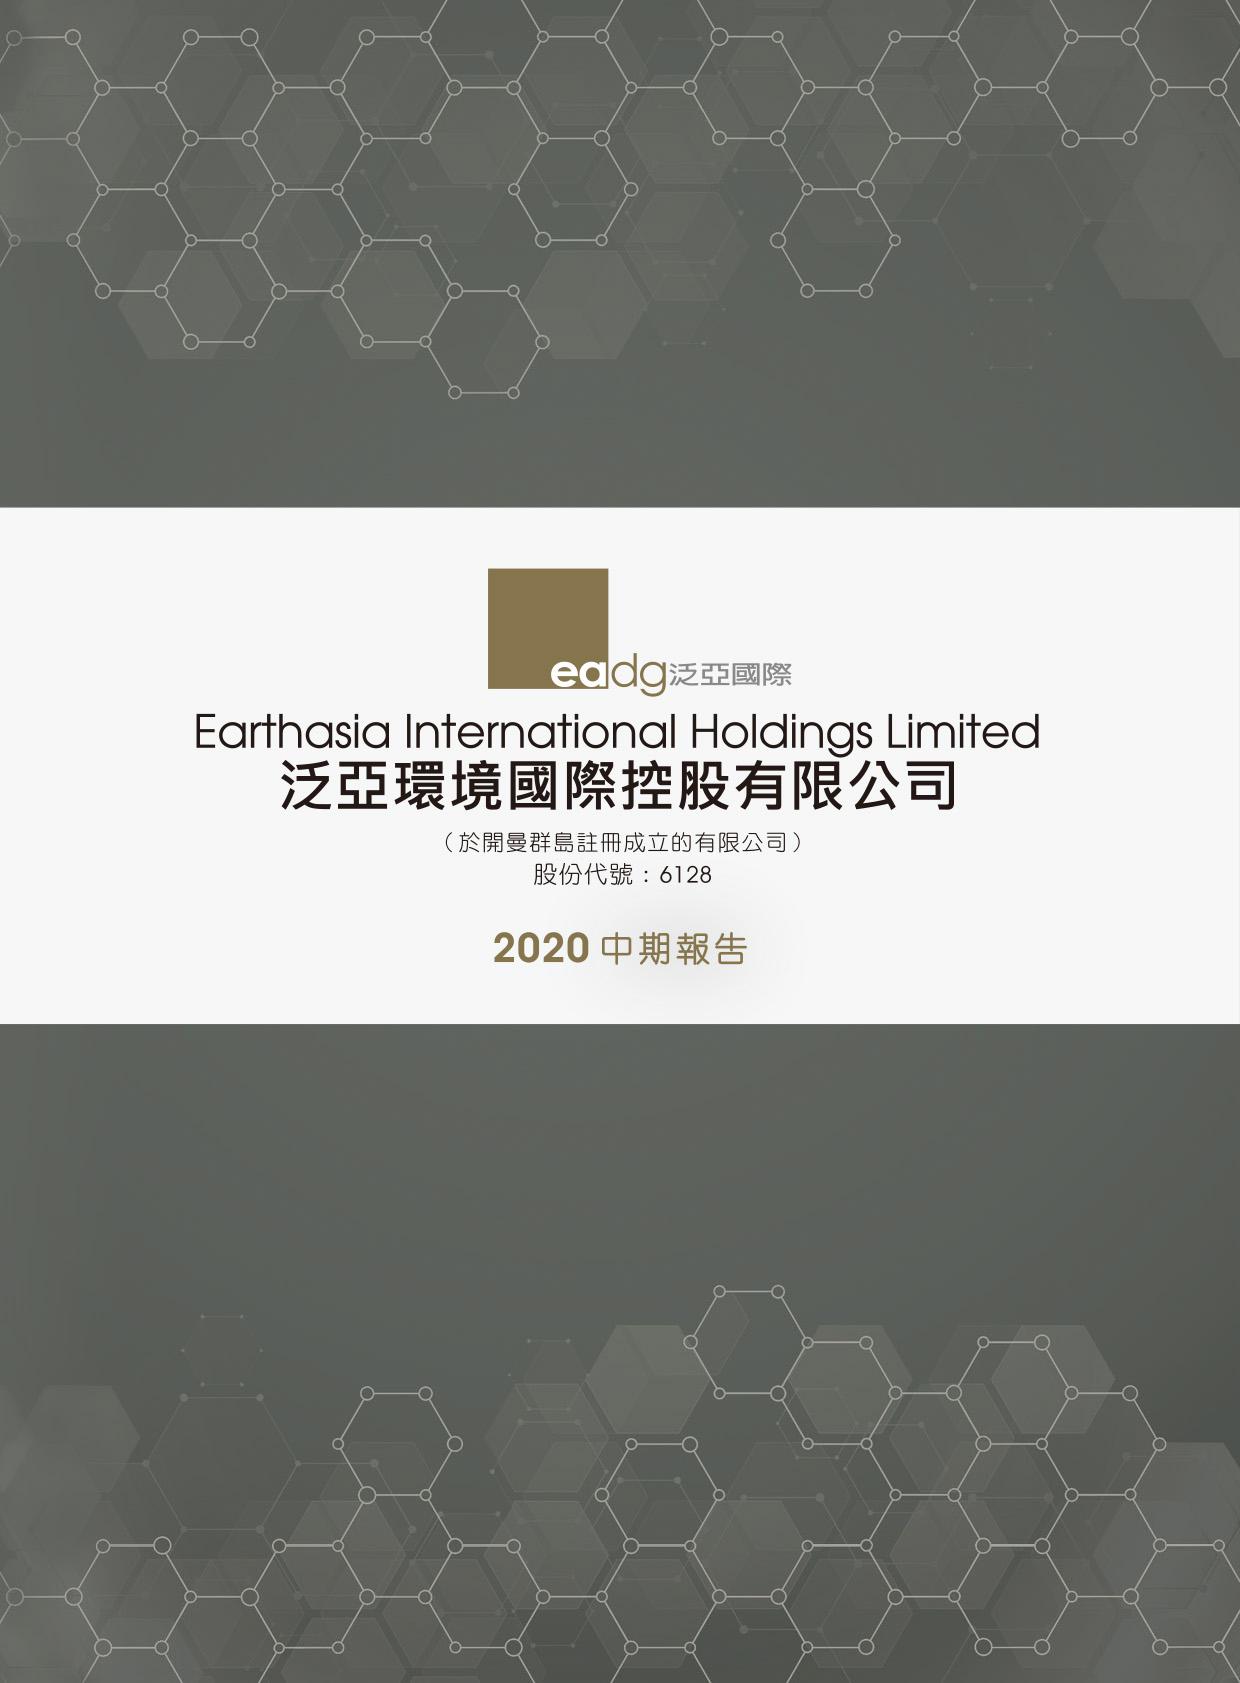 泛亚环境国际控股有限公司